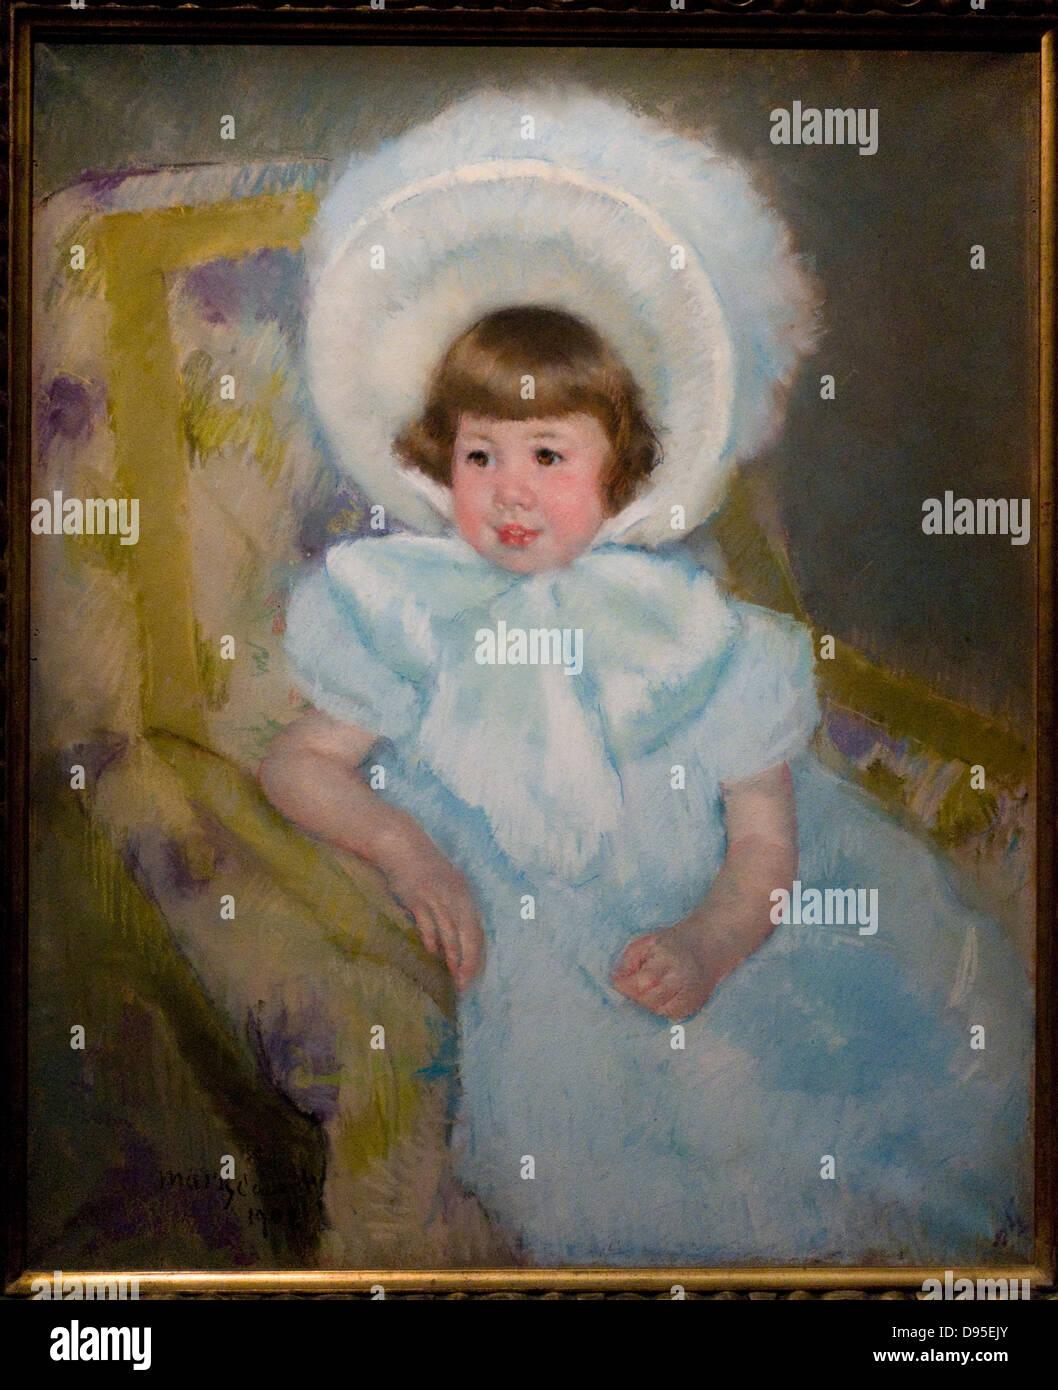 Mary Cassatt Mademoiselle Louise-Aurore Villeboeuf 1902 XX th Jahrhundert Pastell auf Papier Musée d ' Orsay - Paris Stockfoto